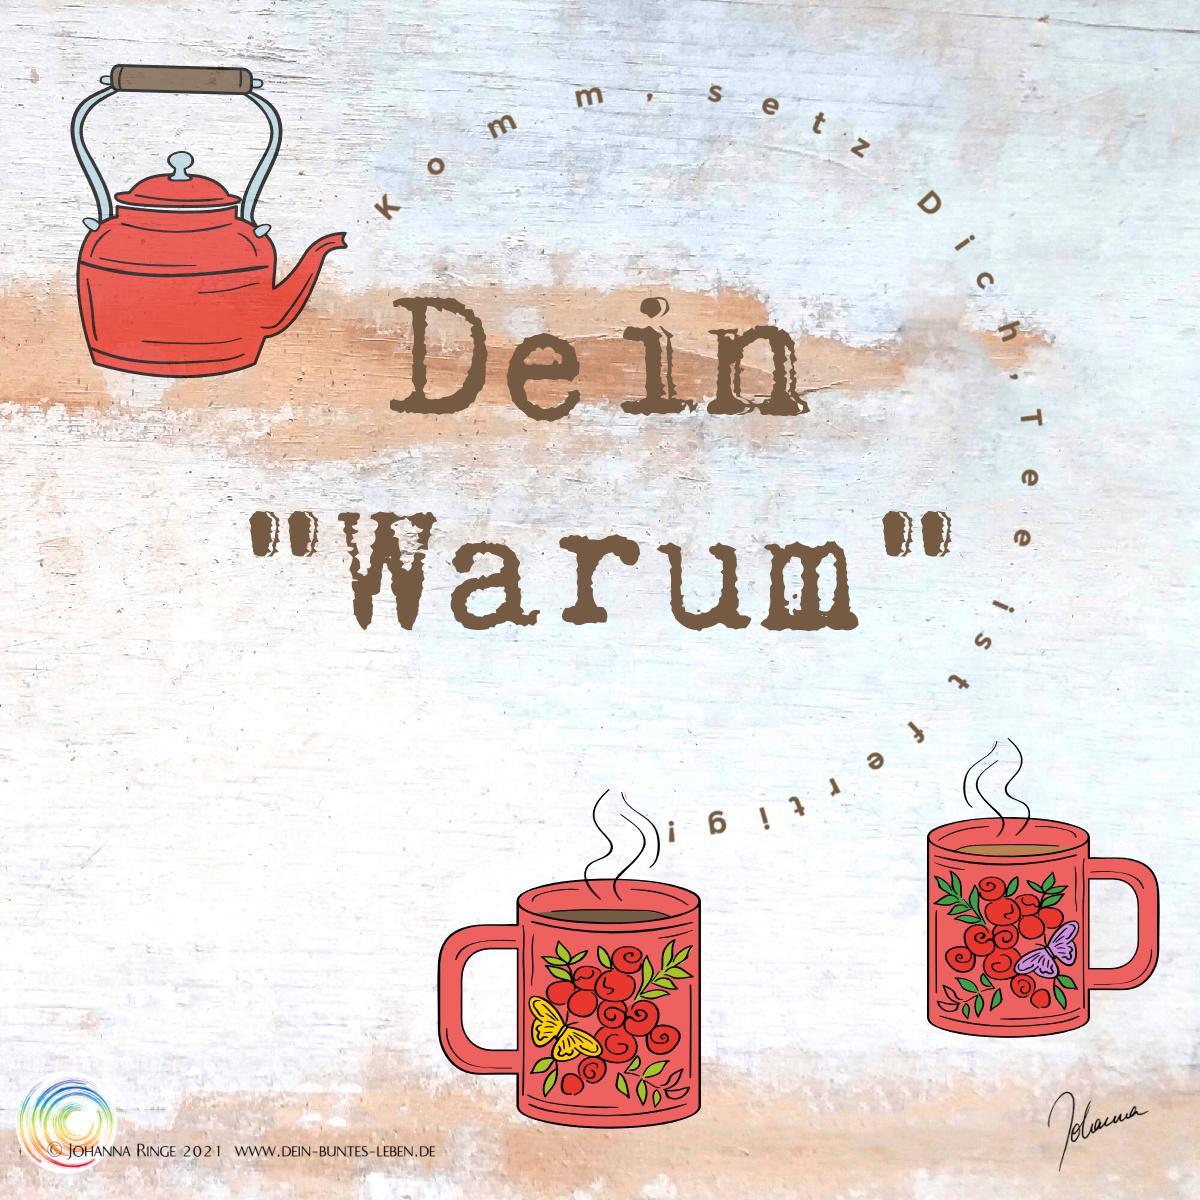 Dein Warum (Zwei Tassen, ein Teekessel: Komm setz Dich - Tee ist fertig!) ©Johanna Ringe 2021 www.dein-buntes-leben.de